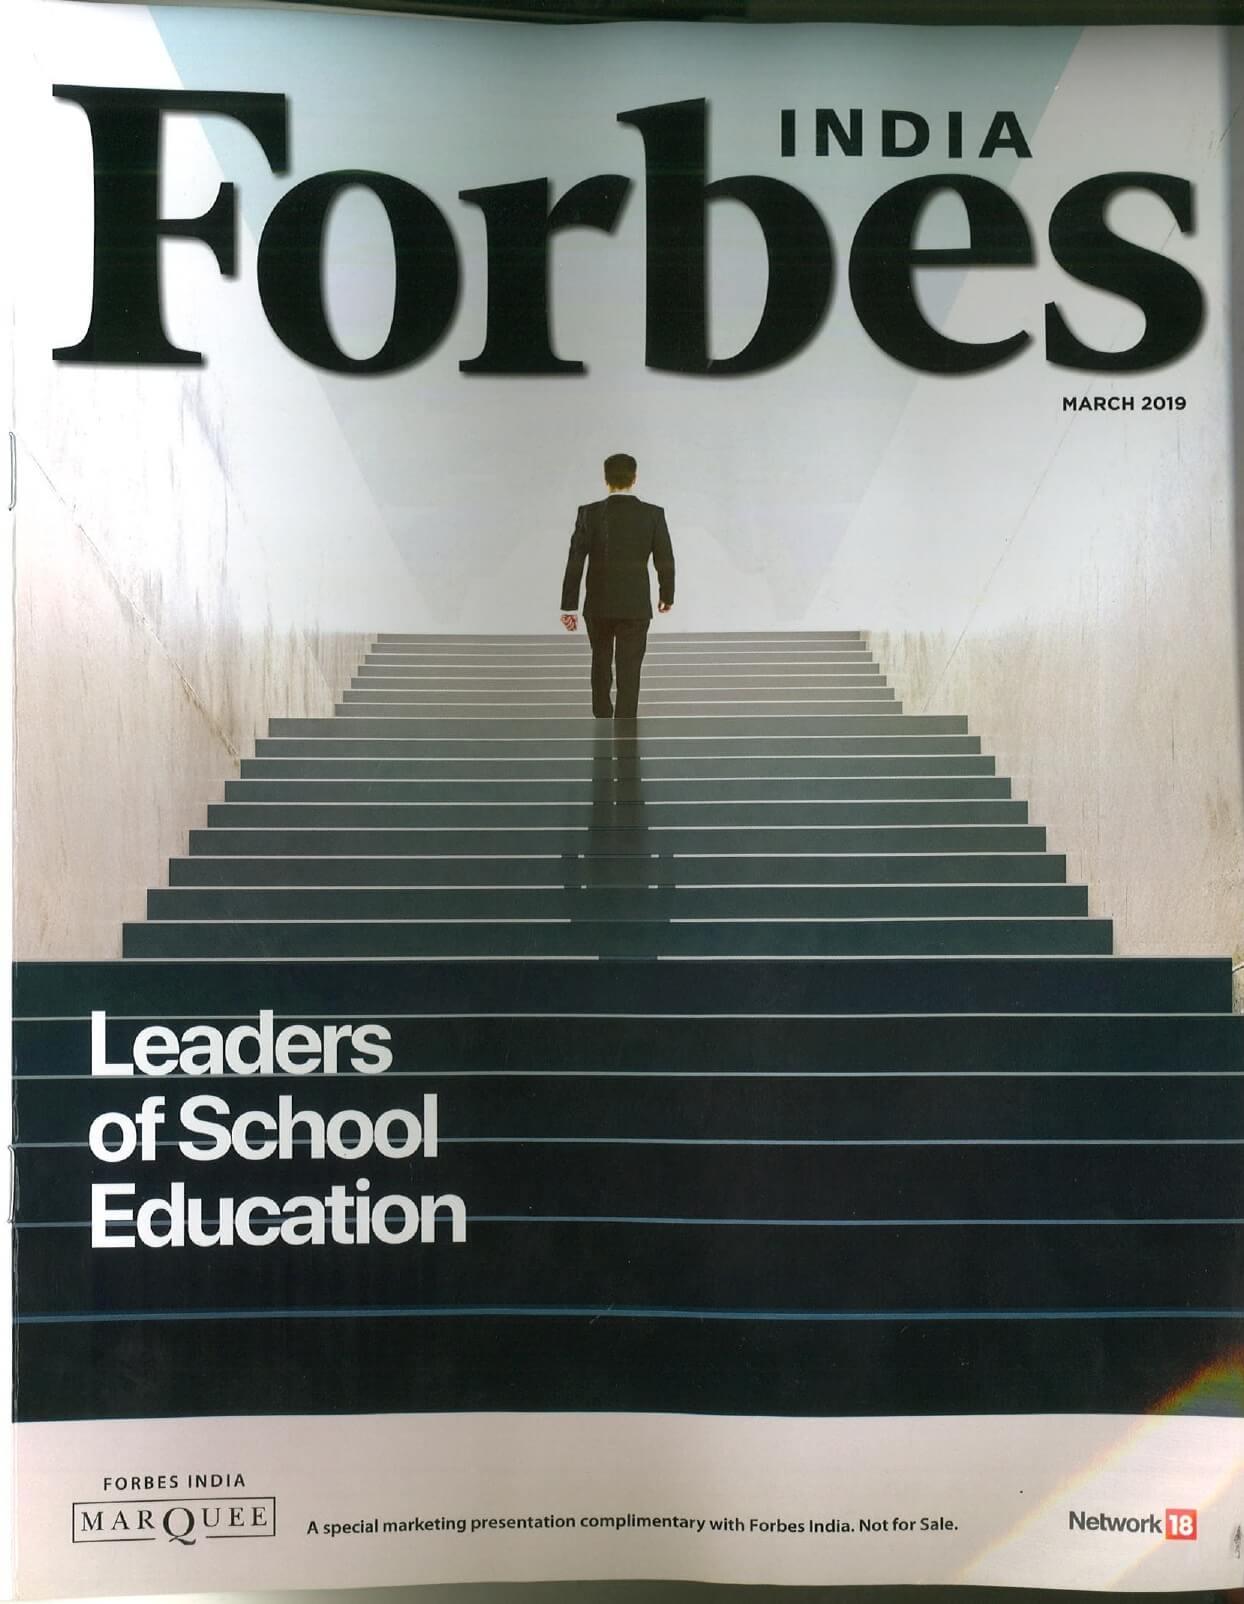 Leaders of School Education